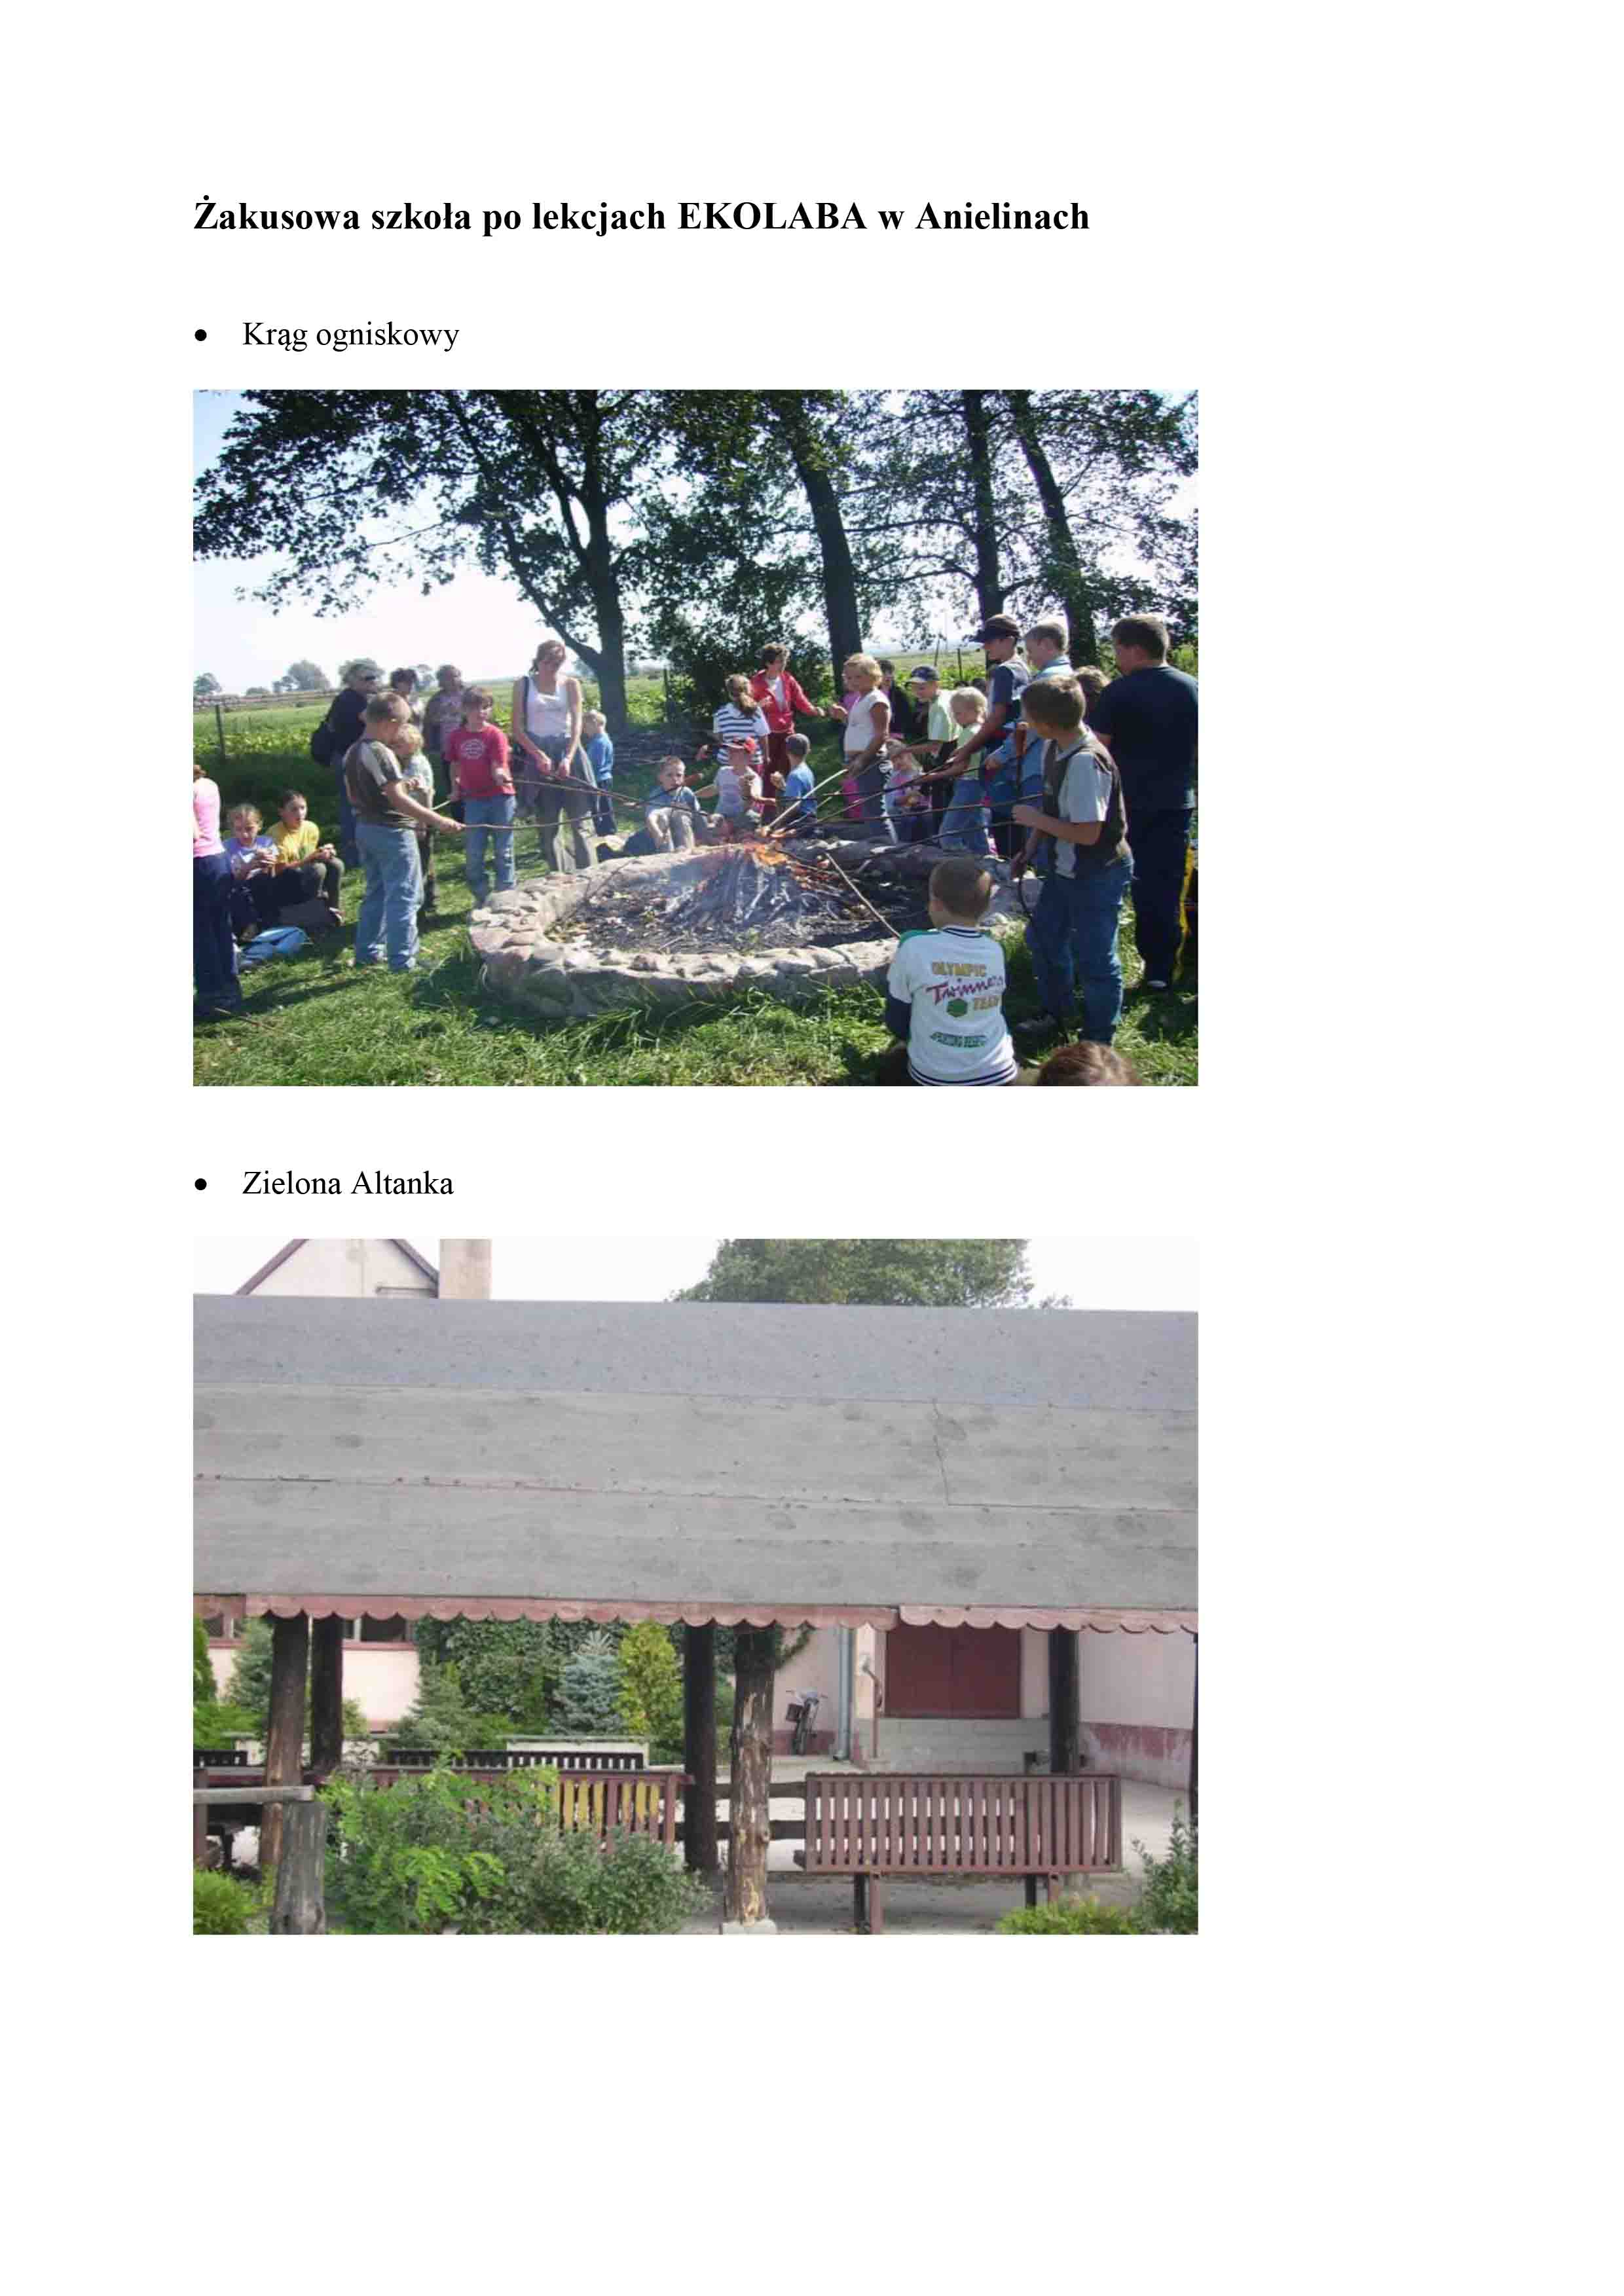 Żakusowa szkoła po lekcjach EKOLABA w Anielinach